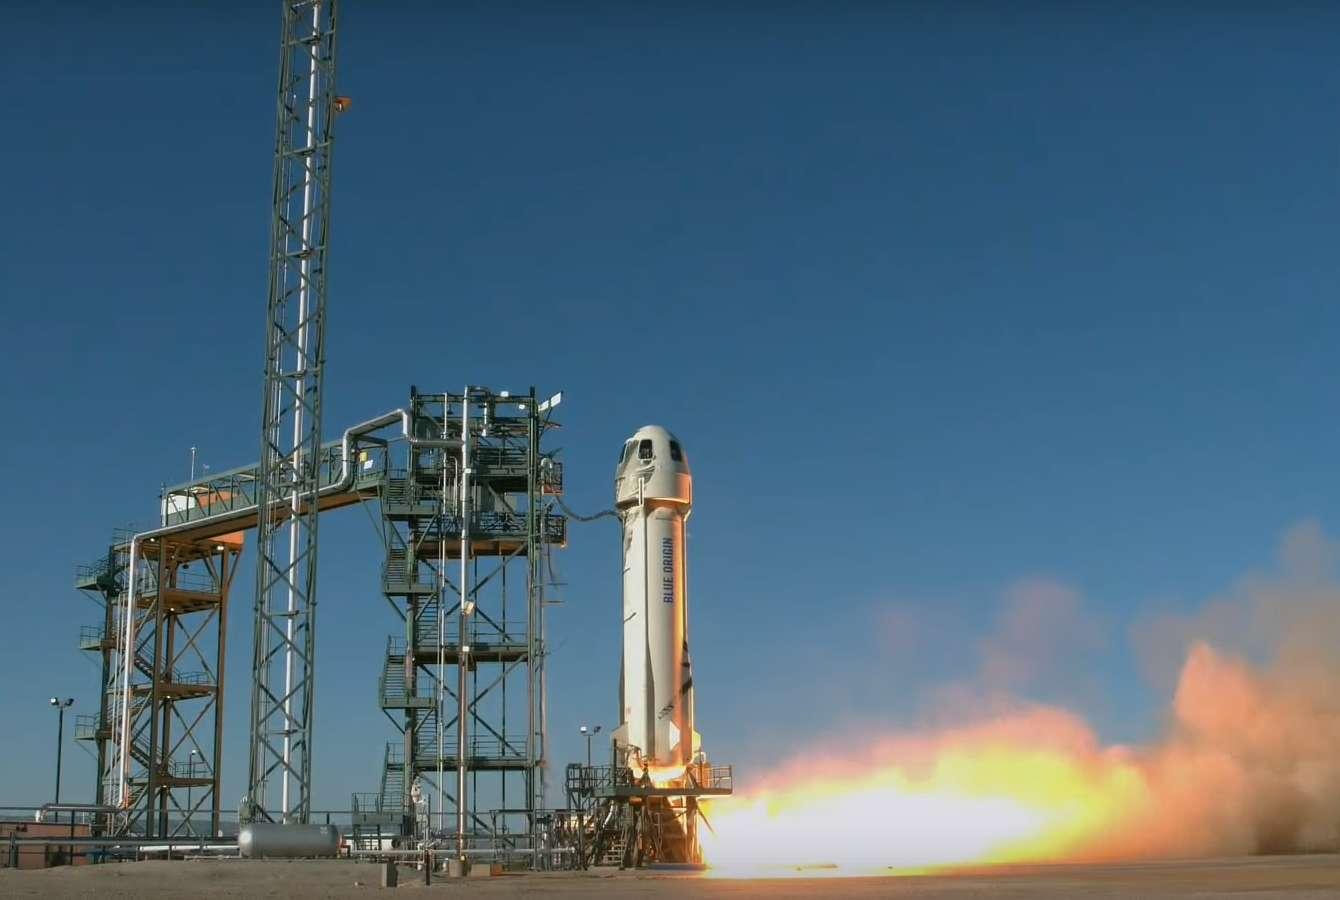 Le lanceur réutilisable New Shepard développé par Blue Origin au décollage le 2 mai 2019. © Blue Origin